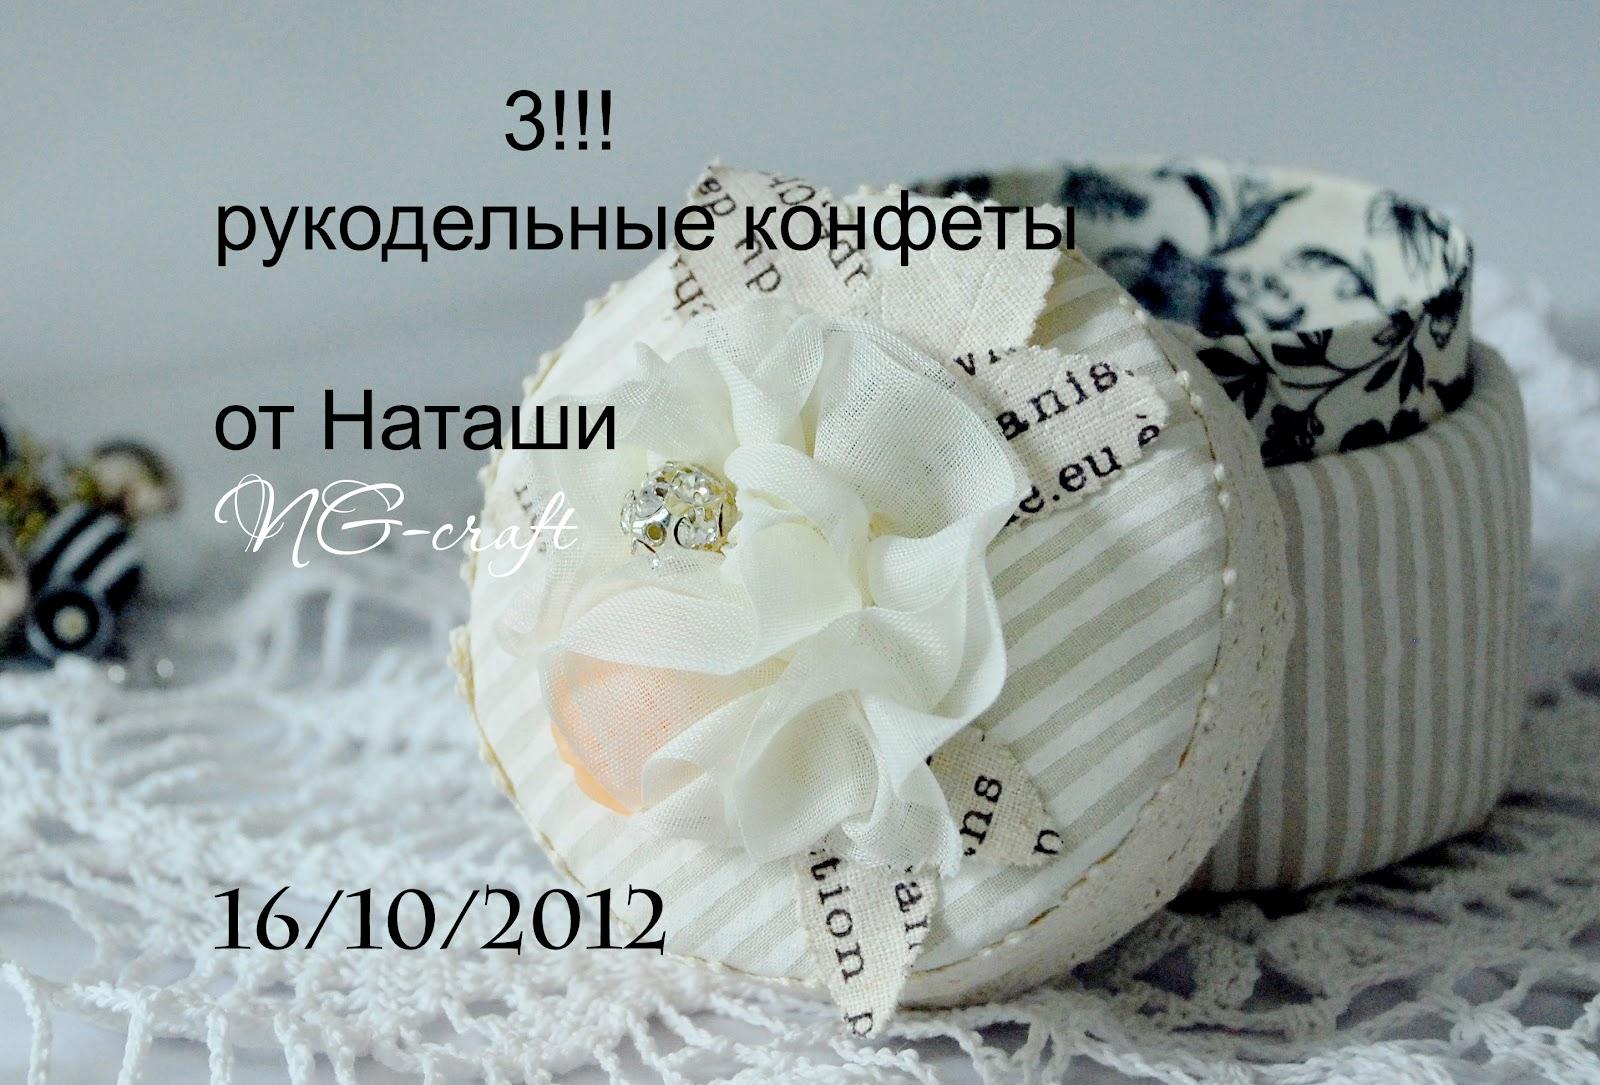 я выиграла конфетку у Наташи!